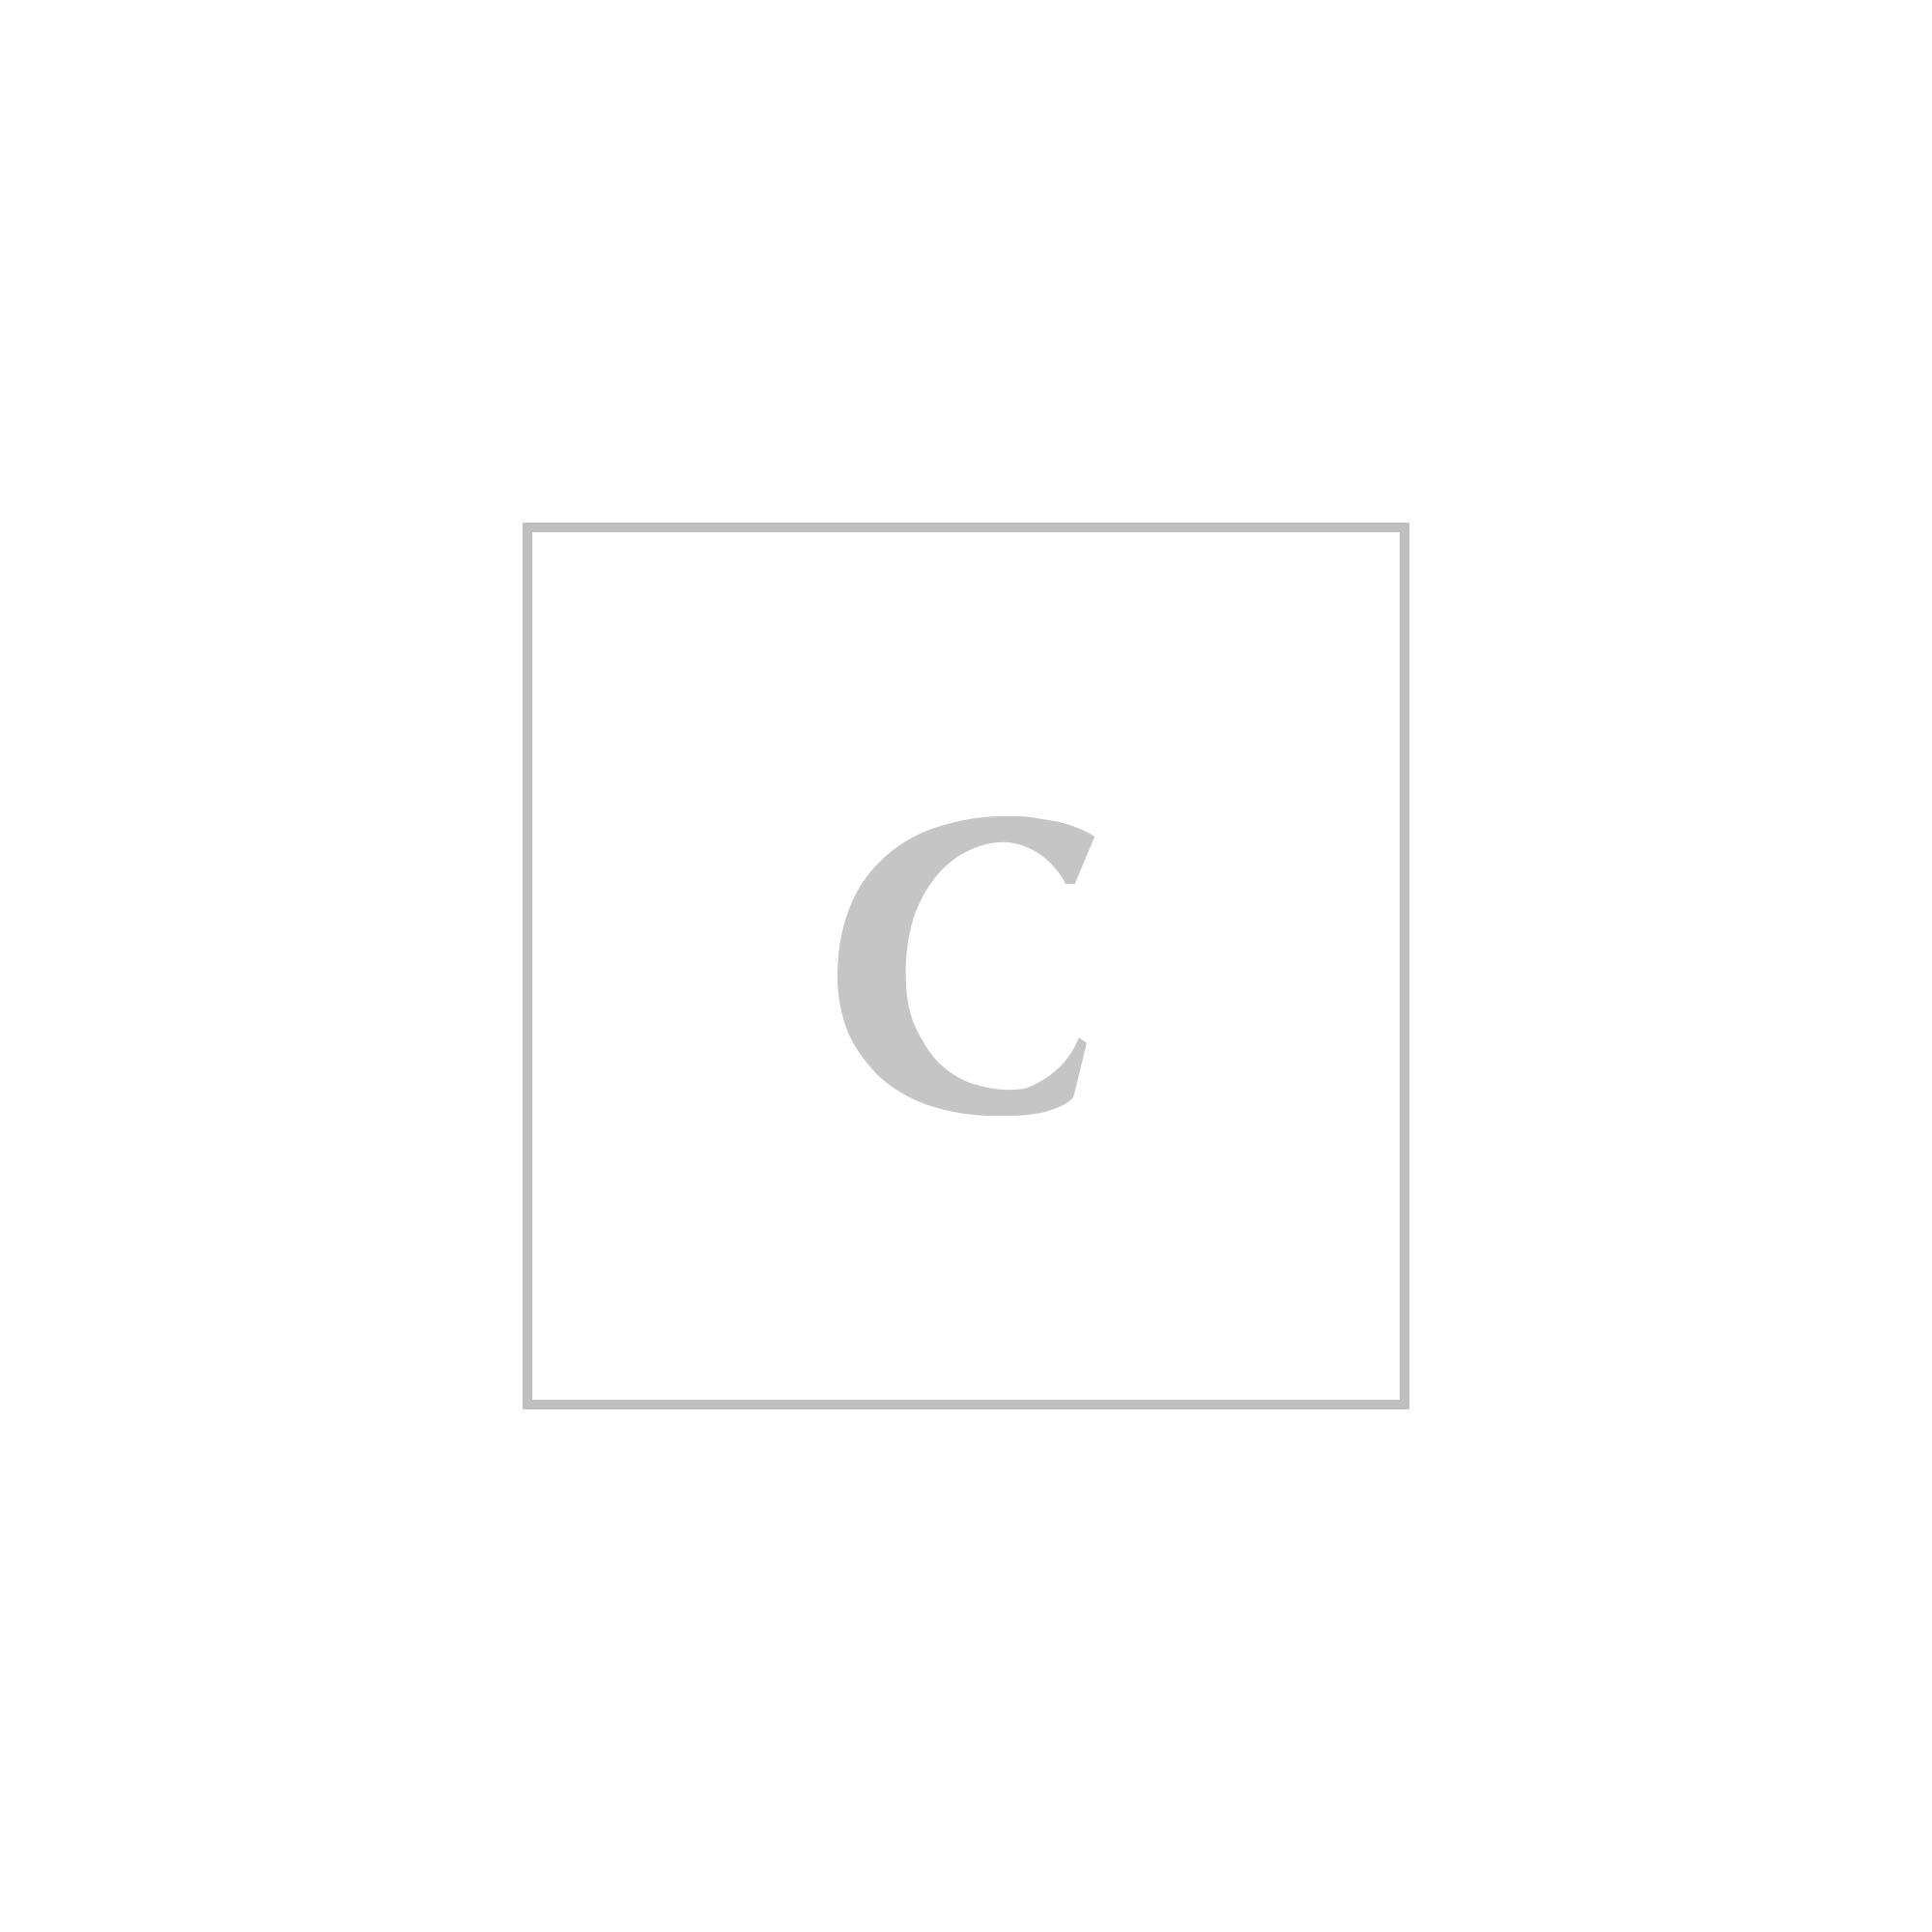 burberry abbigliamento donna polo a maniche lunghe